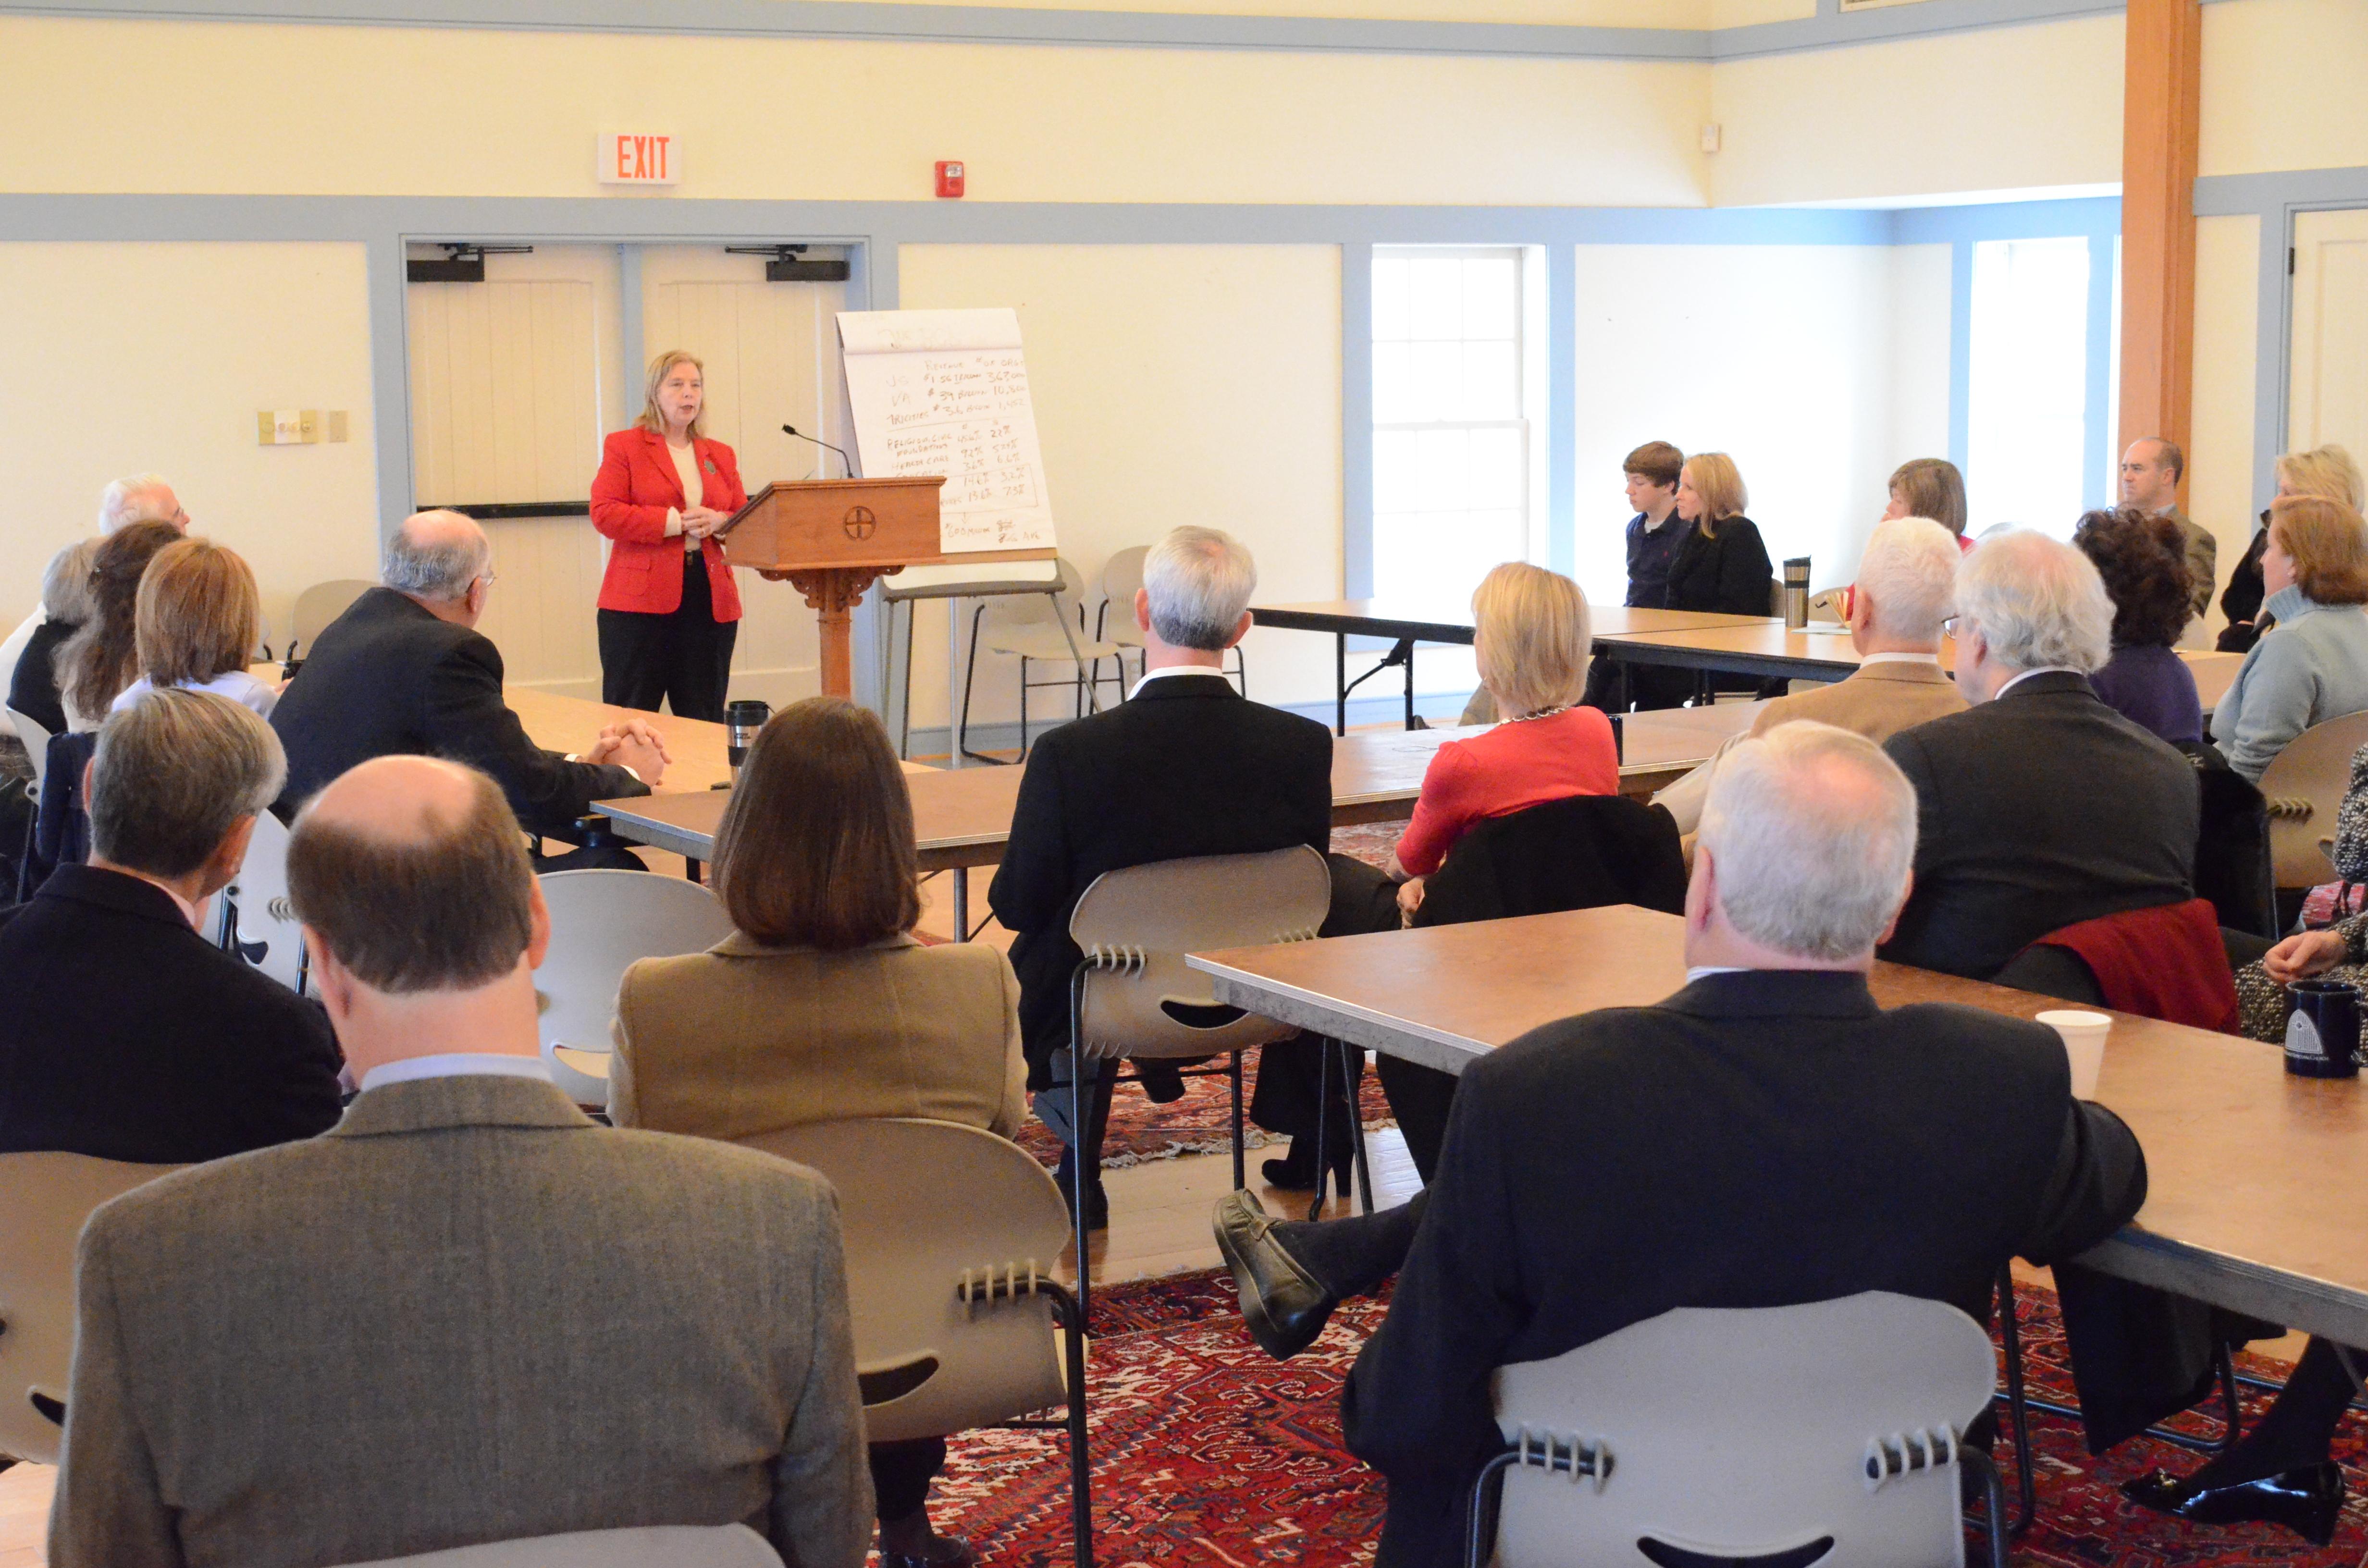 Service in Community Speaker Series Begins